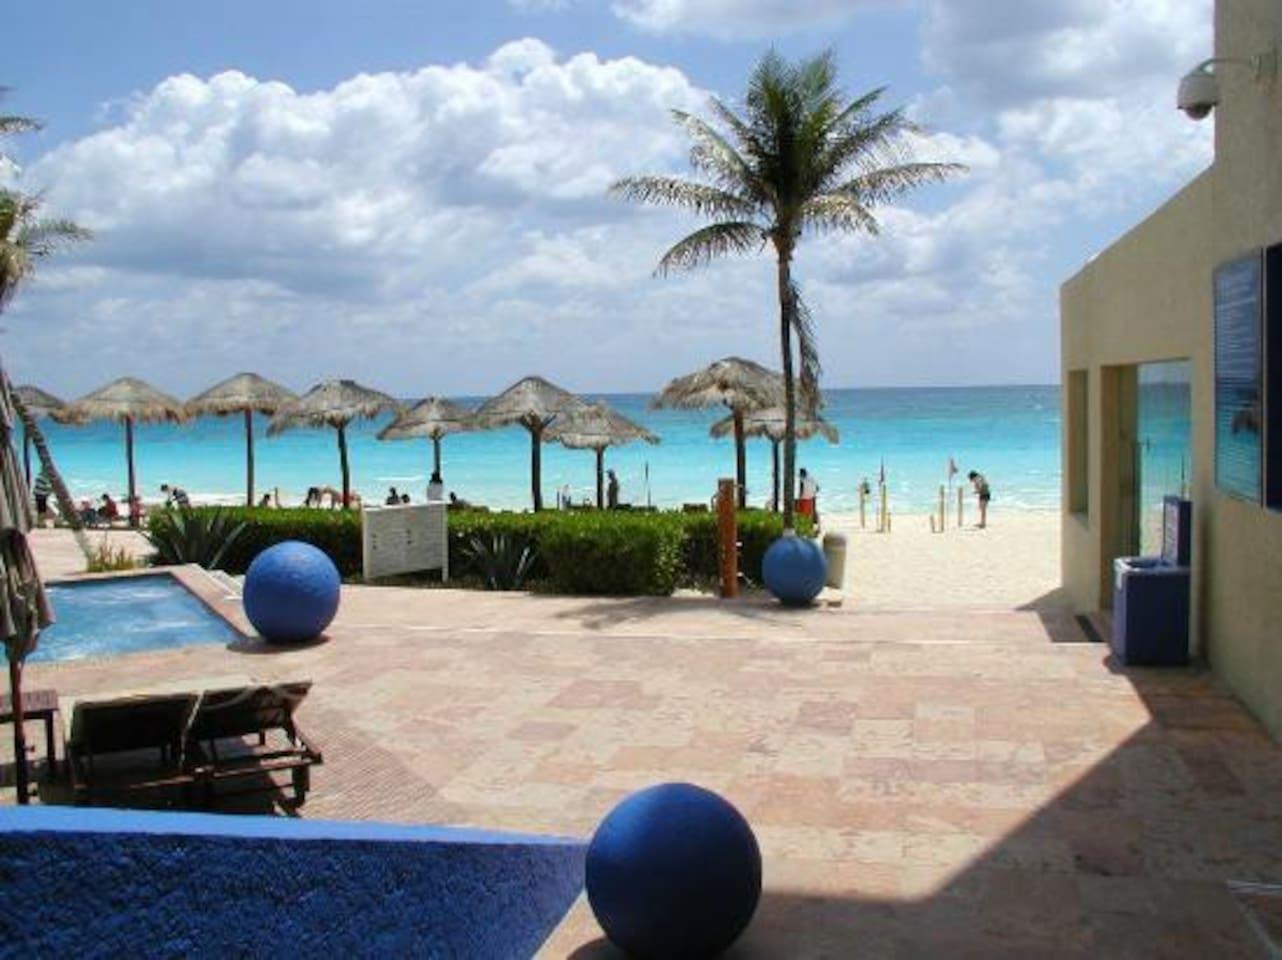 Tu habitacion al pie del mar caribe!